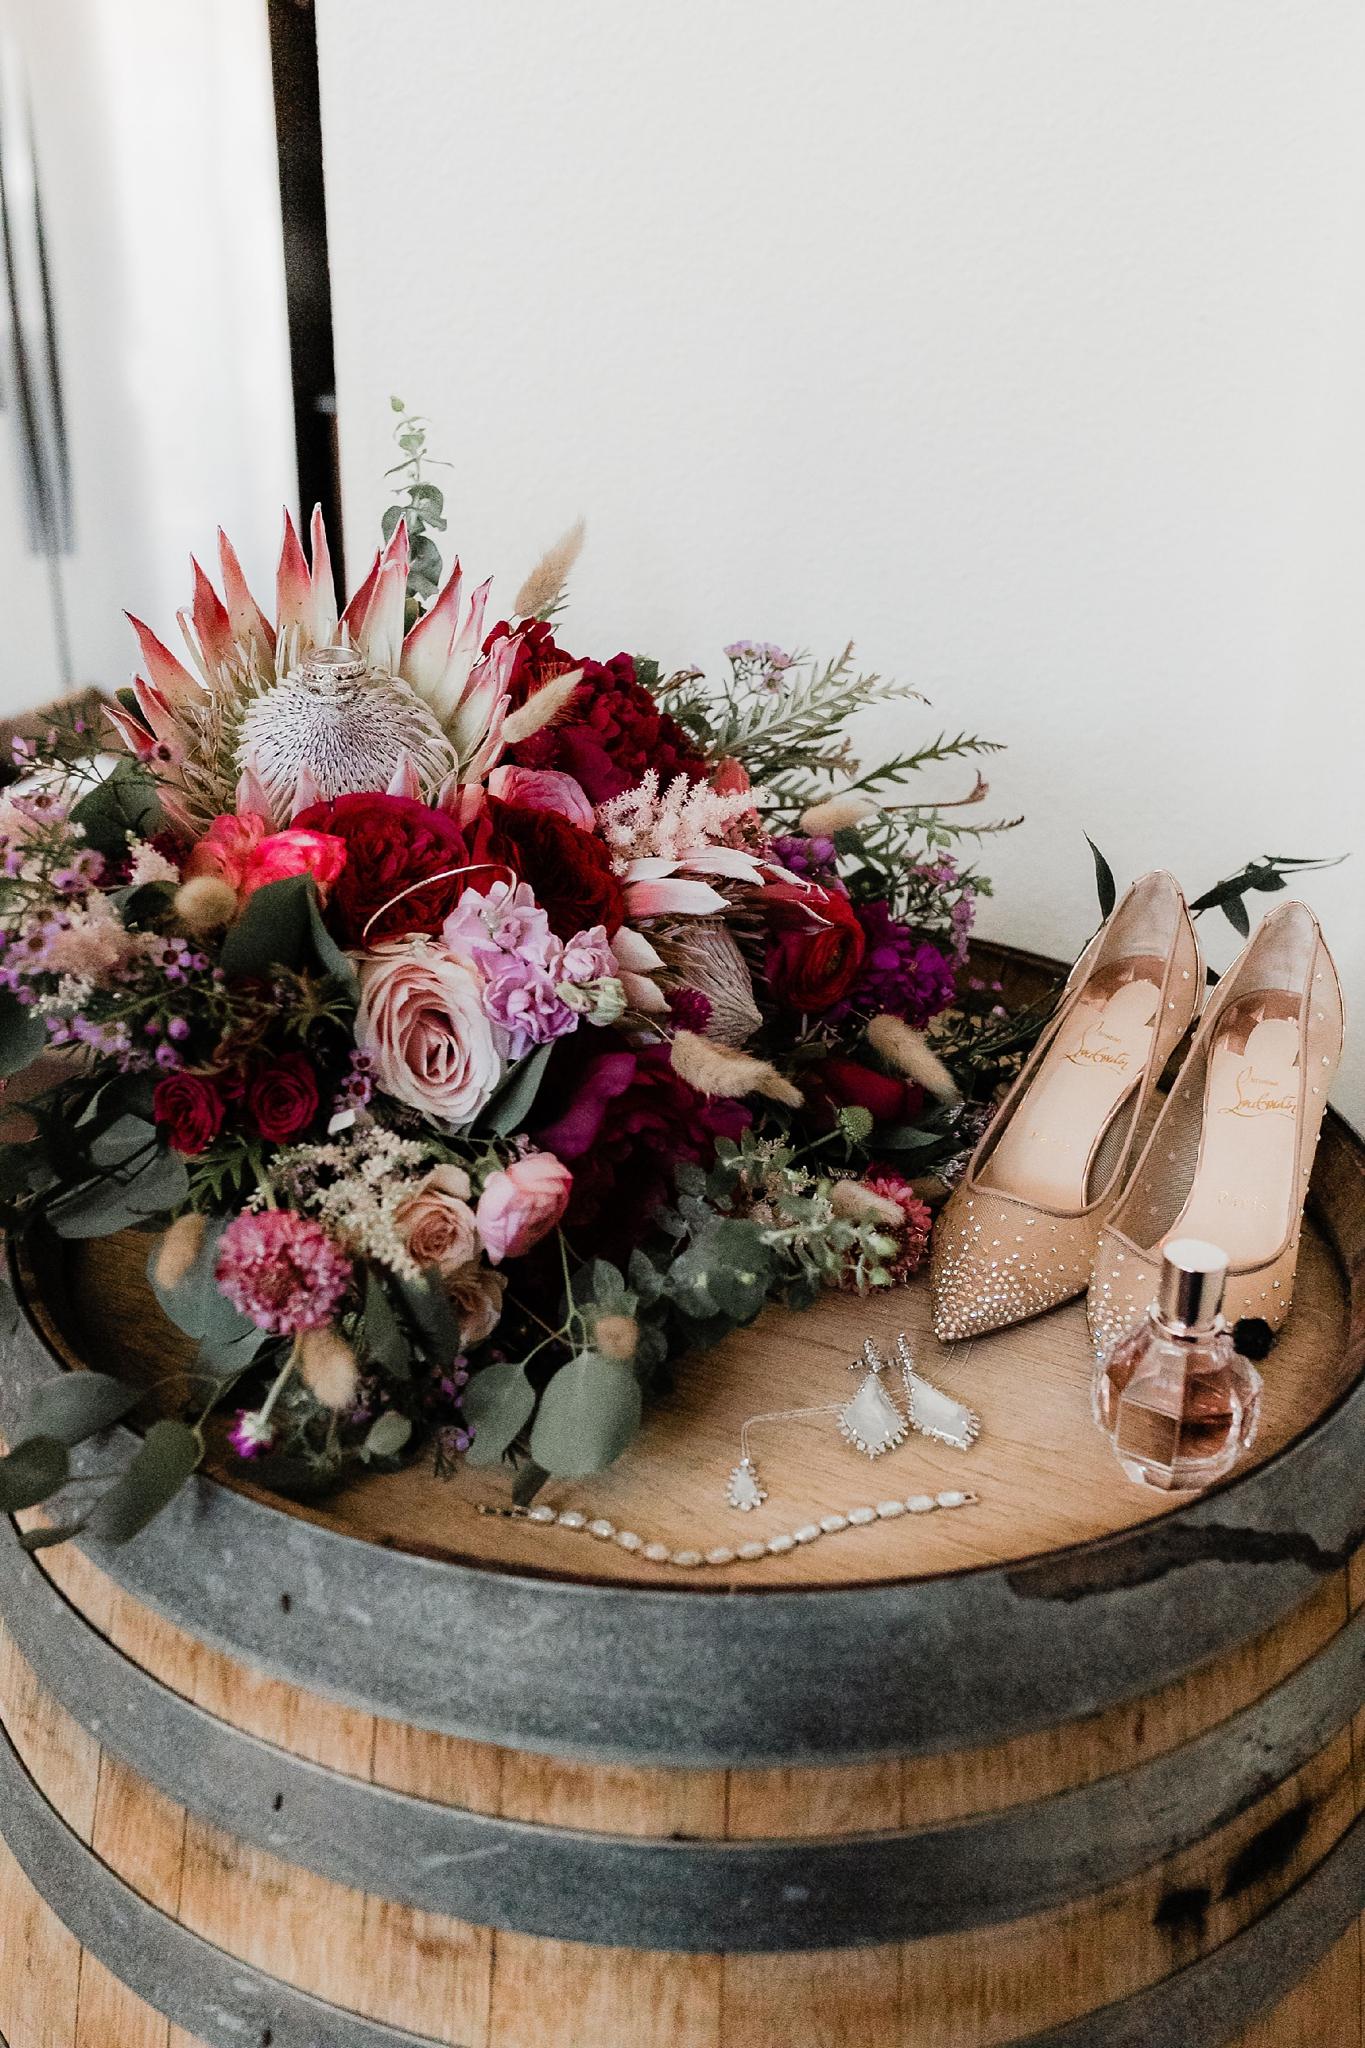 Alicia+lucia+photography+-+albuquerque+wedding+photographer+-+santa+fe+wedding+photography+-+new+mexico+wedding+photographer+-+new+mexico+wedding+-+summer+wedding+-+summer+wedding+florals+-+southwest+wedding_0002.jpg